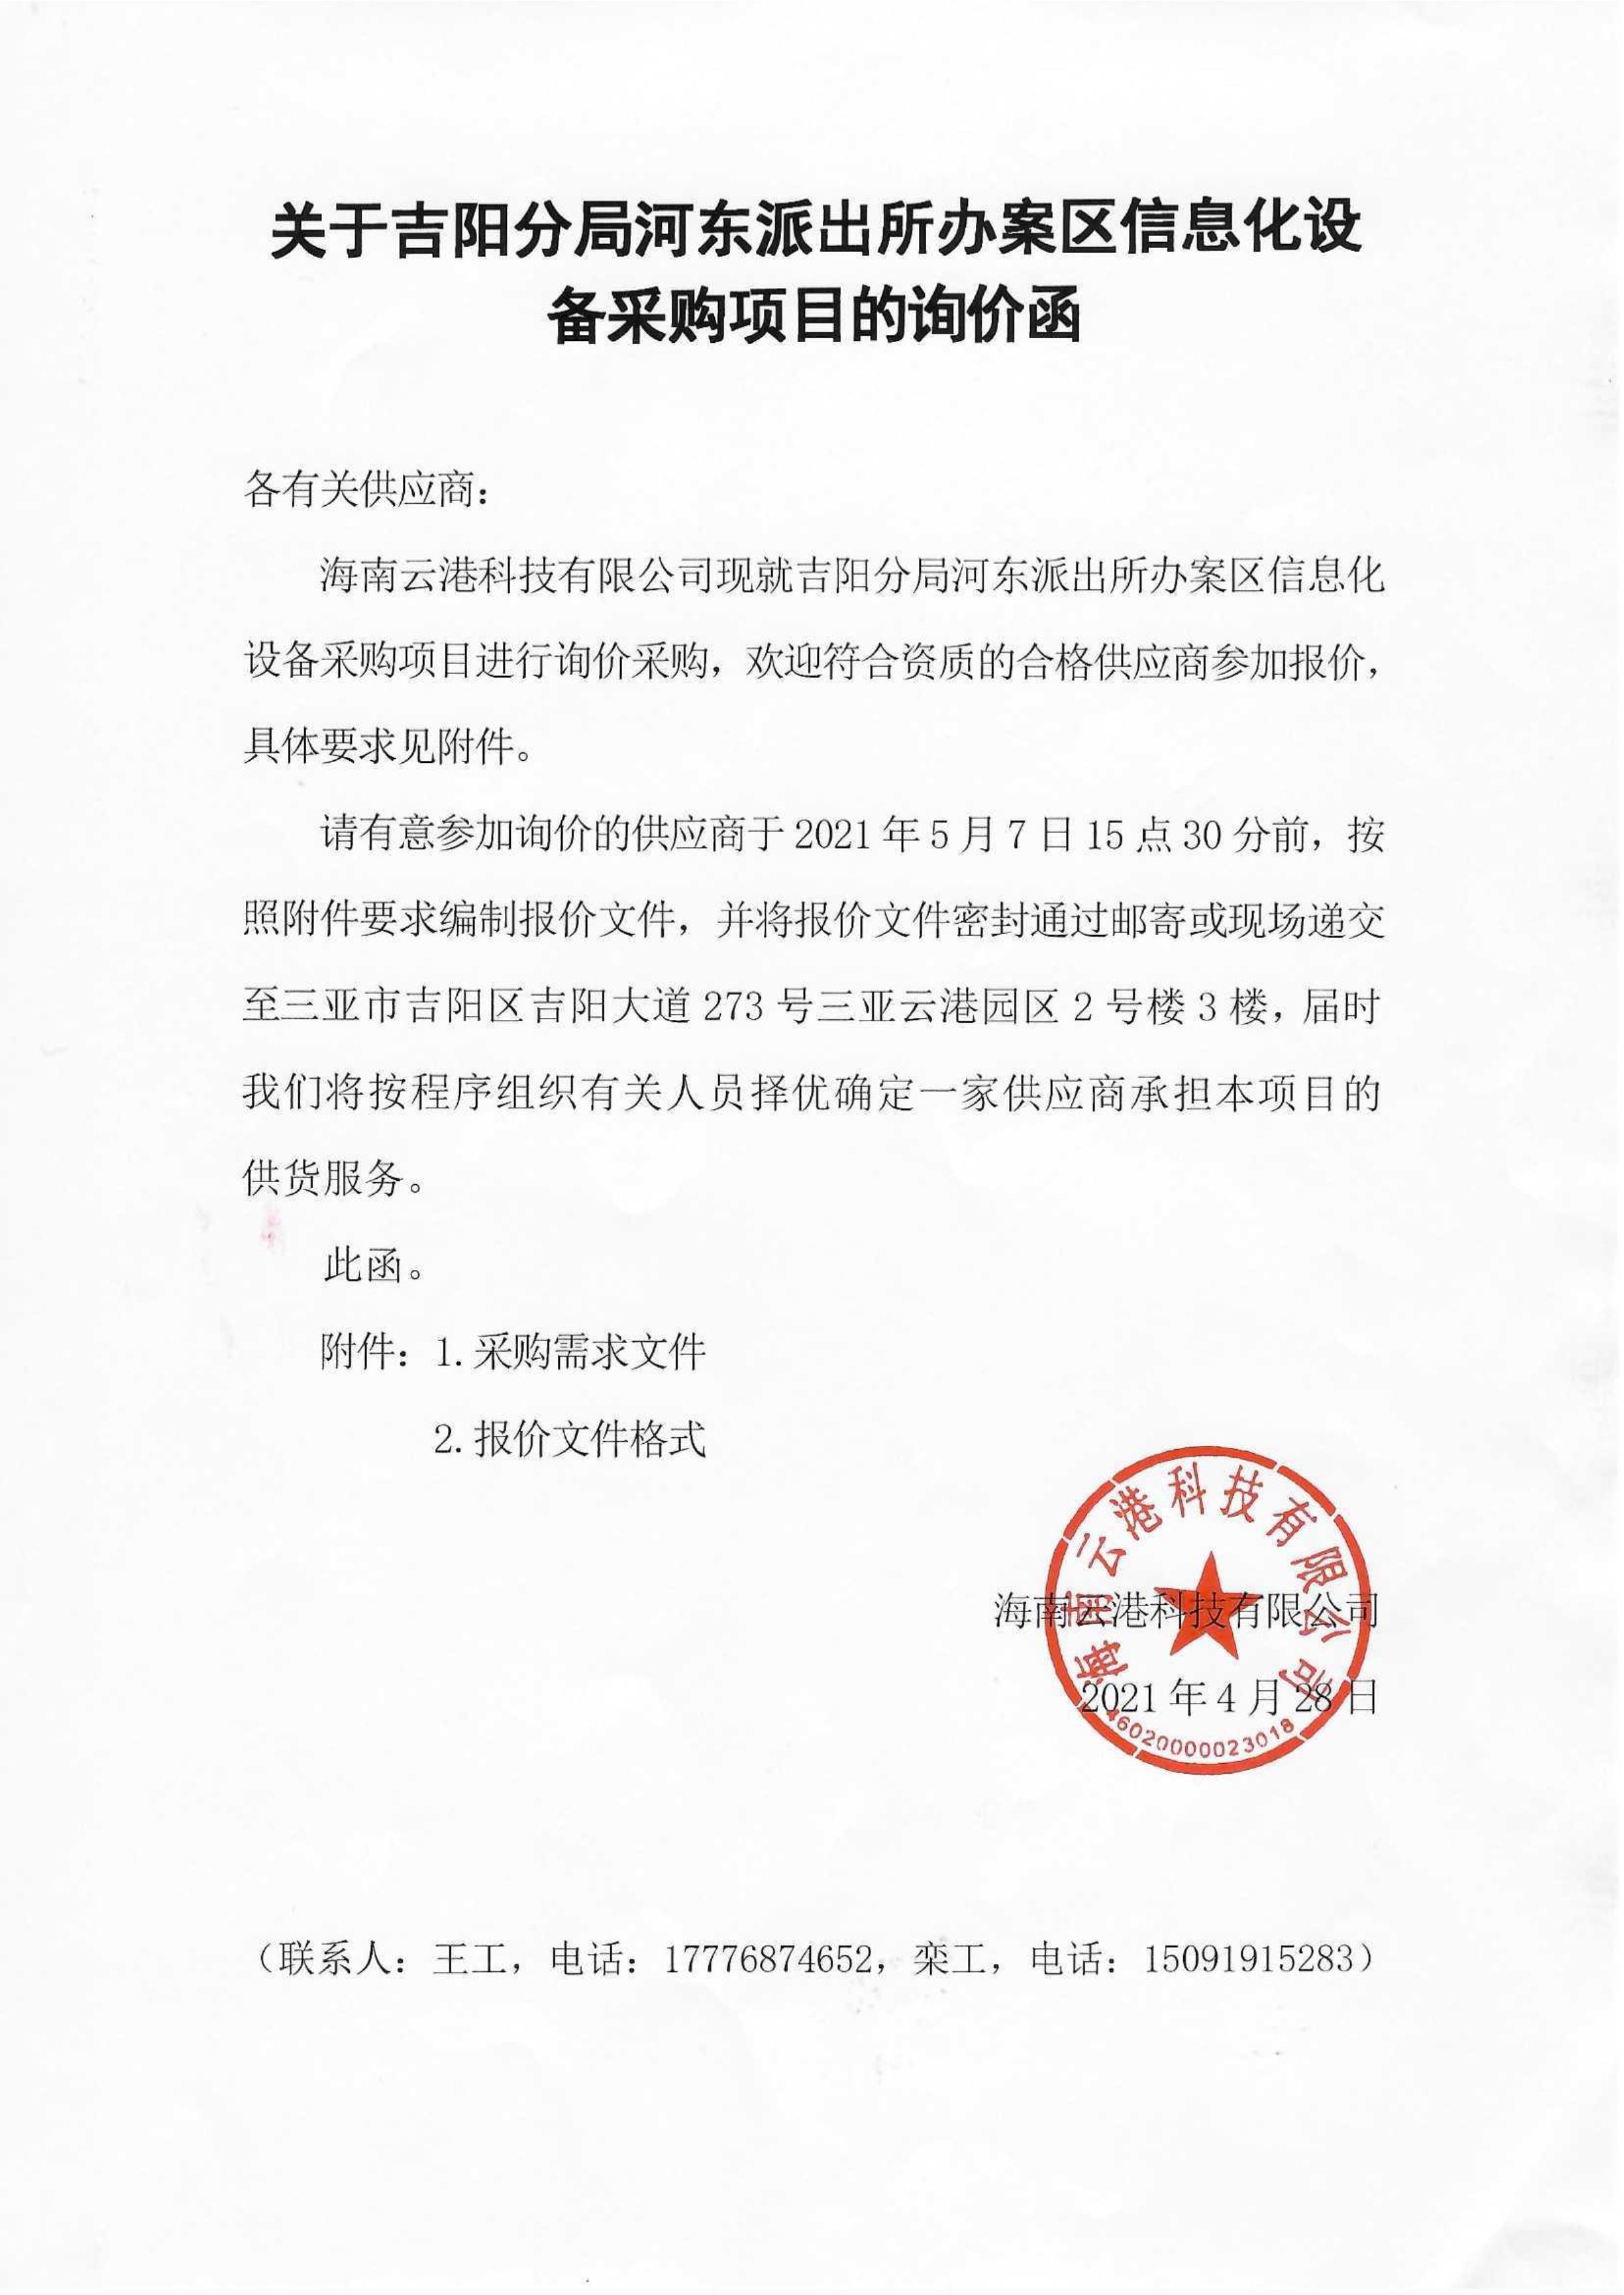 關于吉陽分局河東派出所辦案區信息化設備采購項目的詢價函.jpg